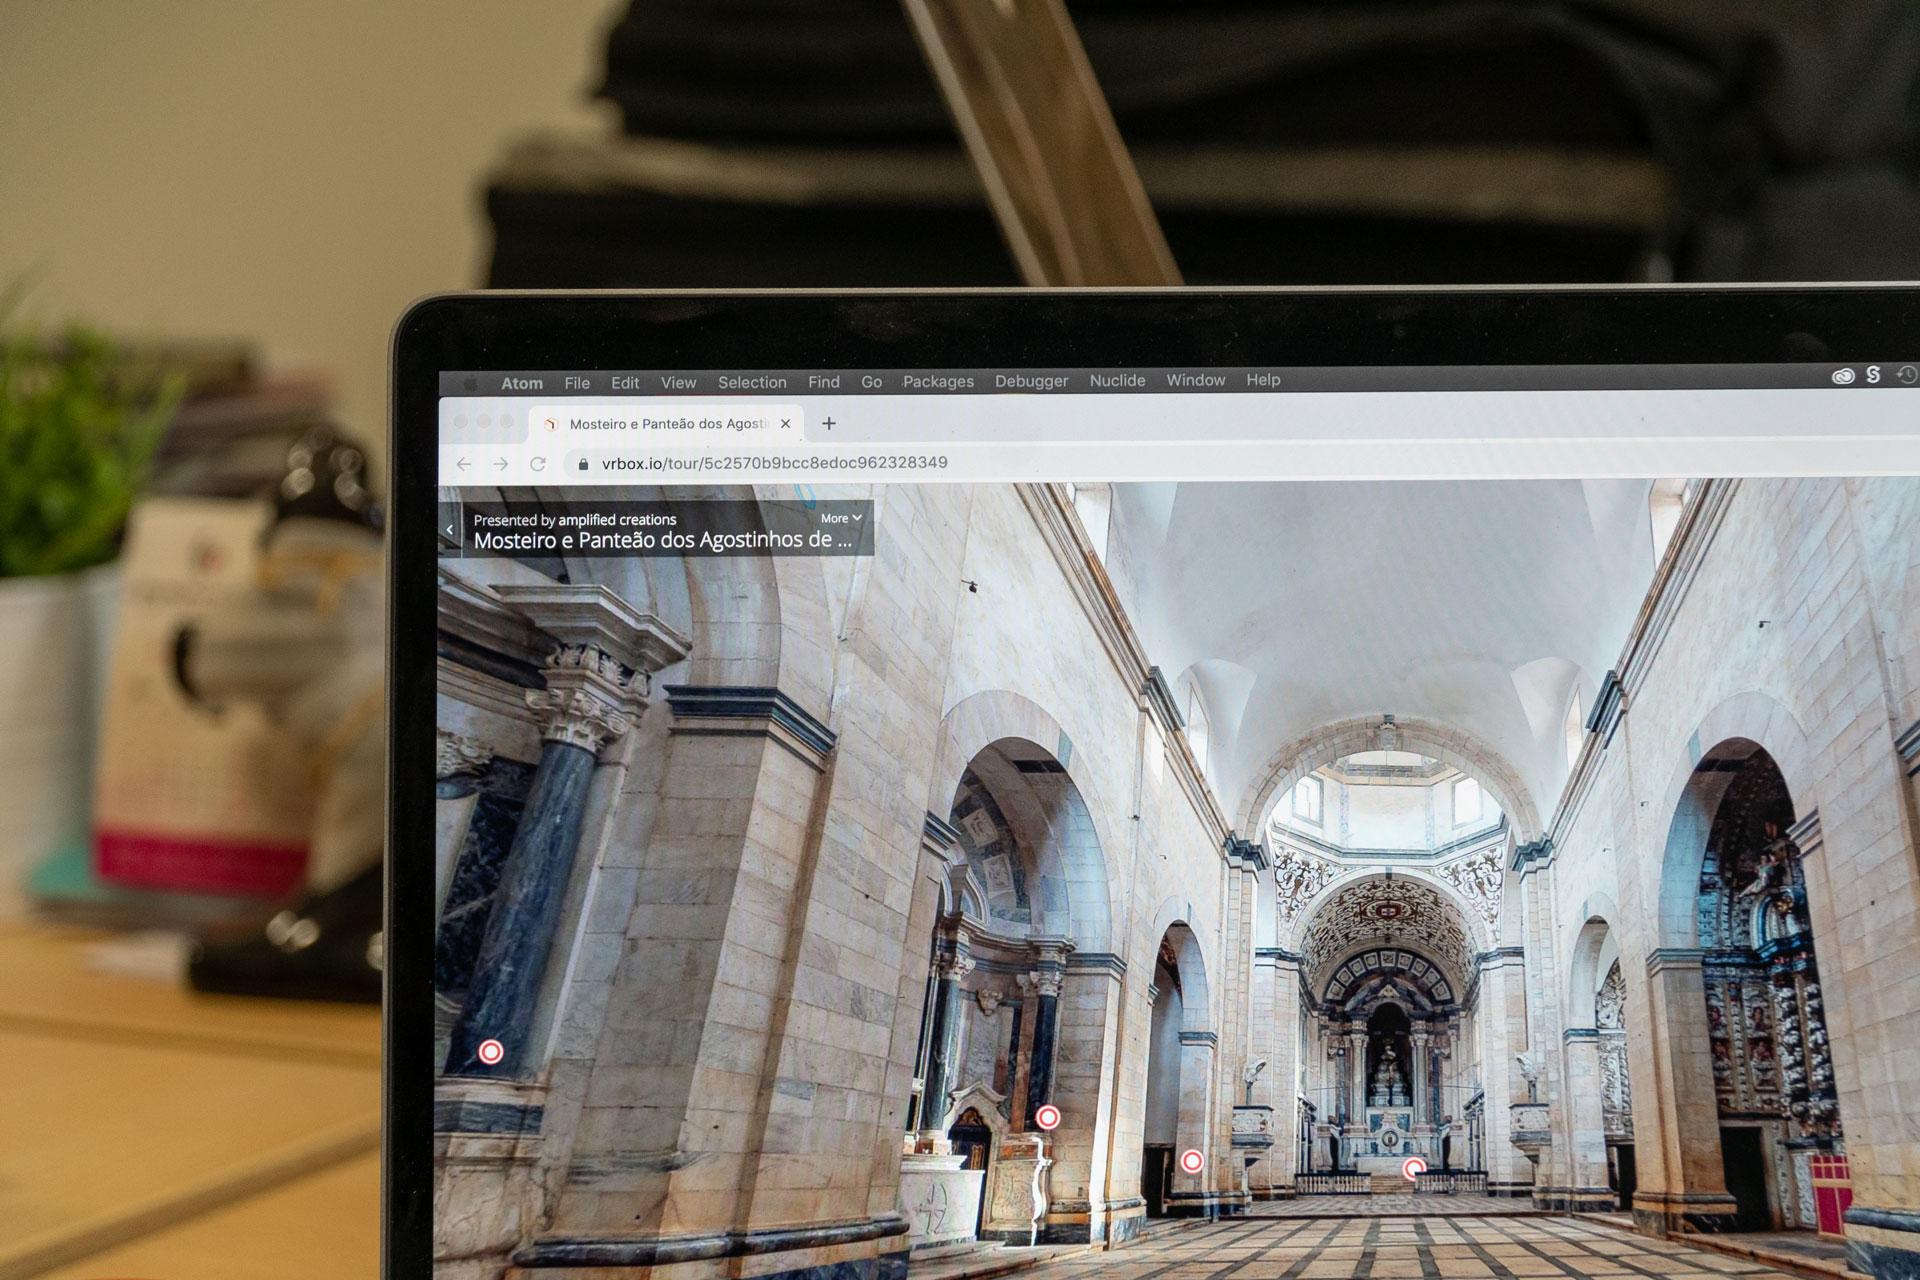 Mosteiro e Panteão dos Agostinhos de Vila Viçosa